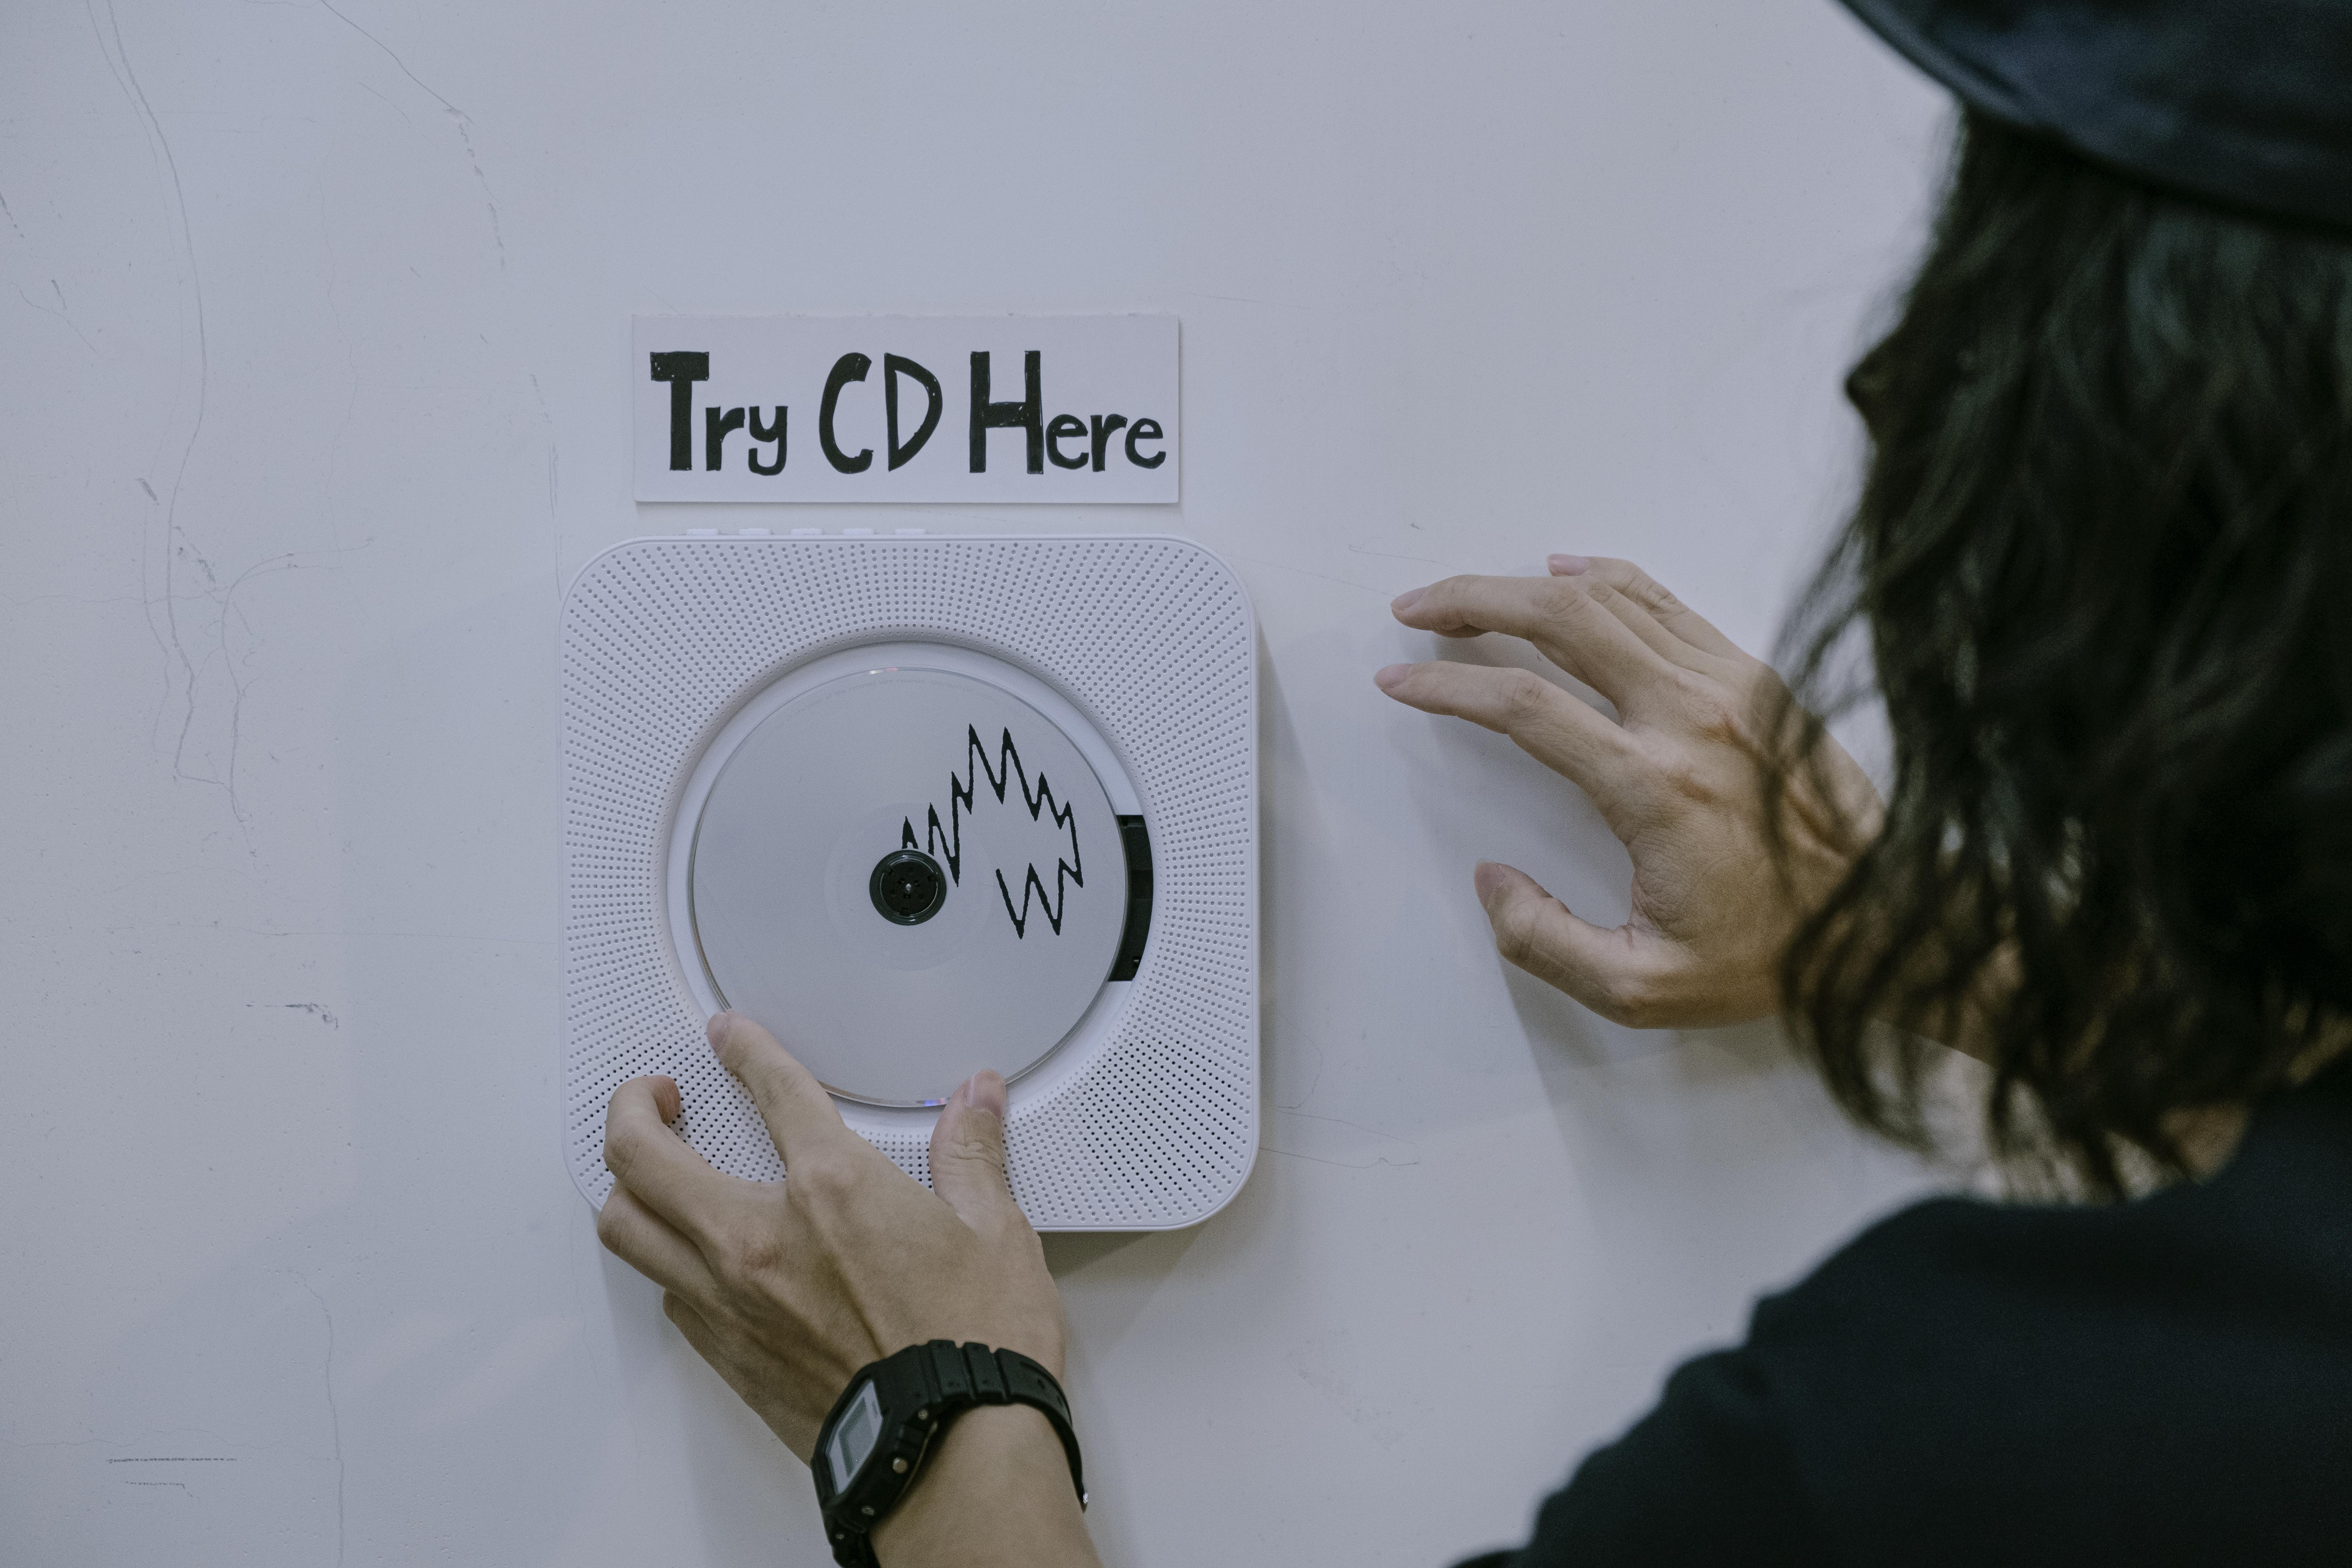 收銀台旁邊放着CD播放器,供客人試聽音樂。